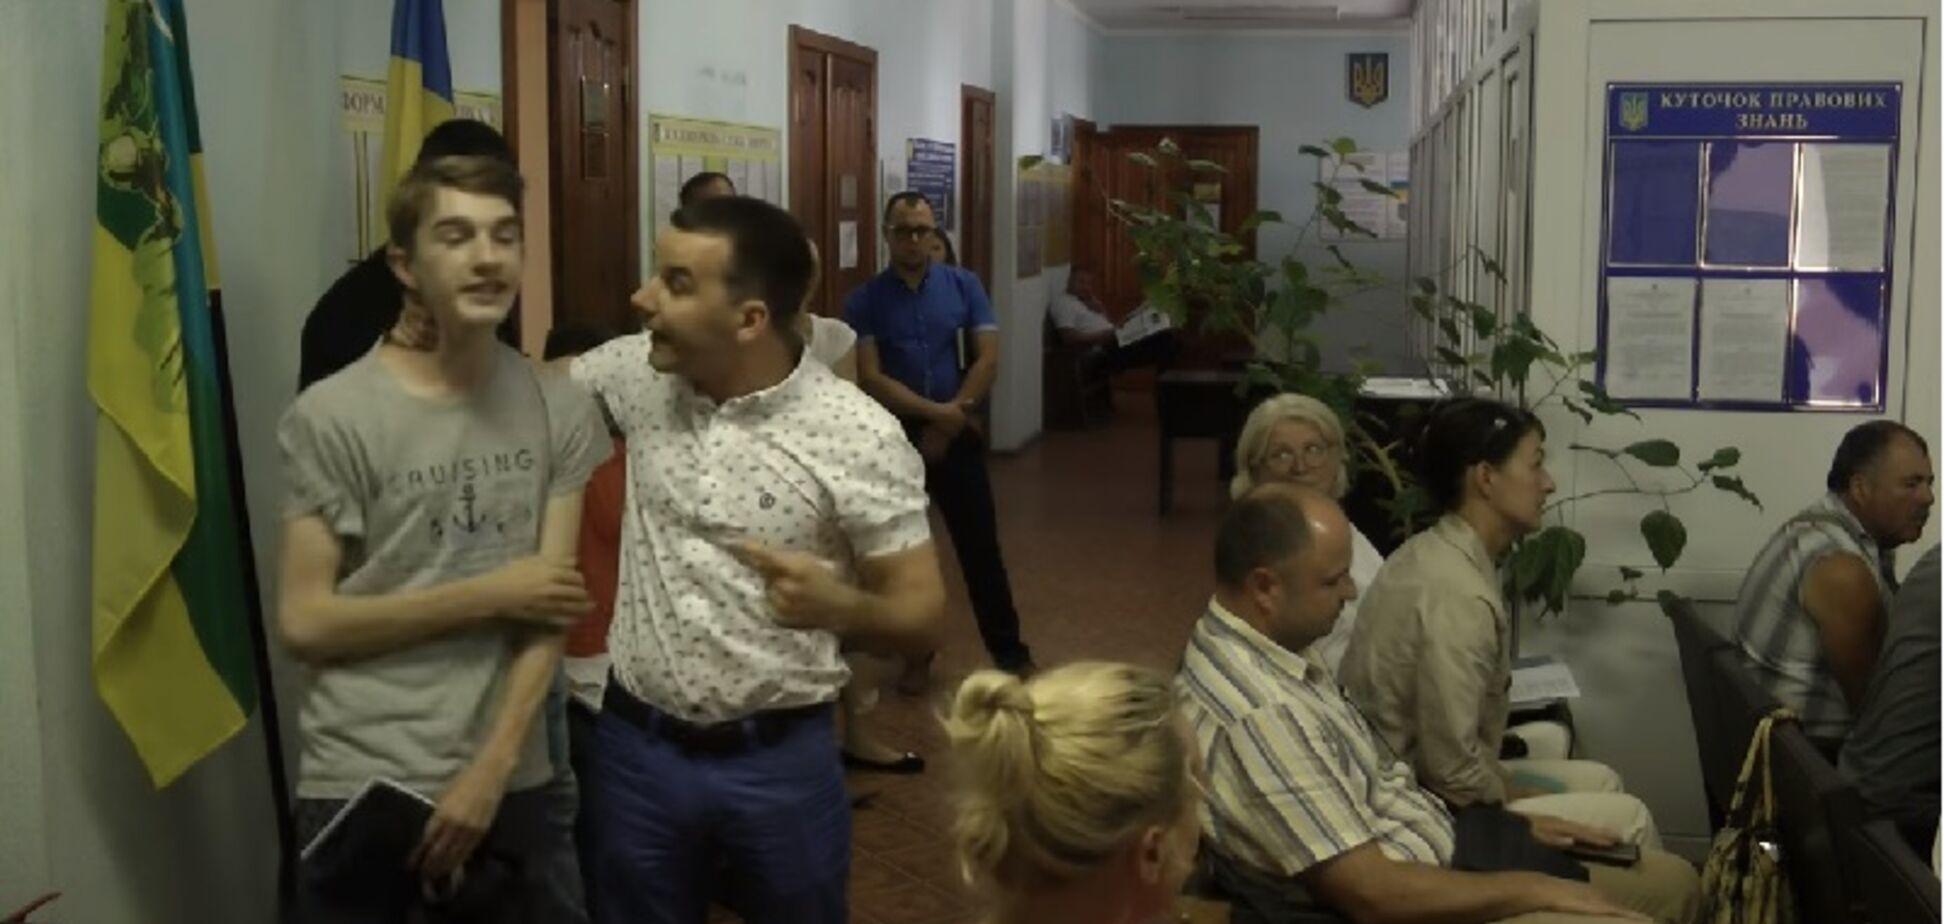 'Не занимайся х*рней': скандал с самосудом депутата над школьником под Киевом получил продолжение